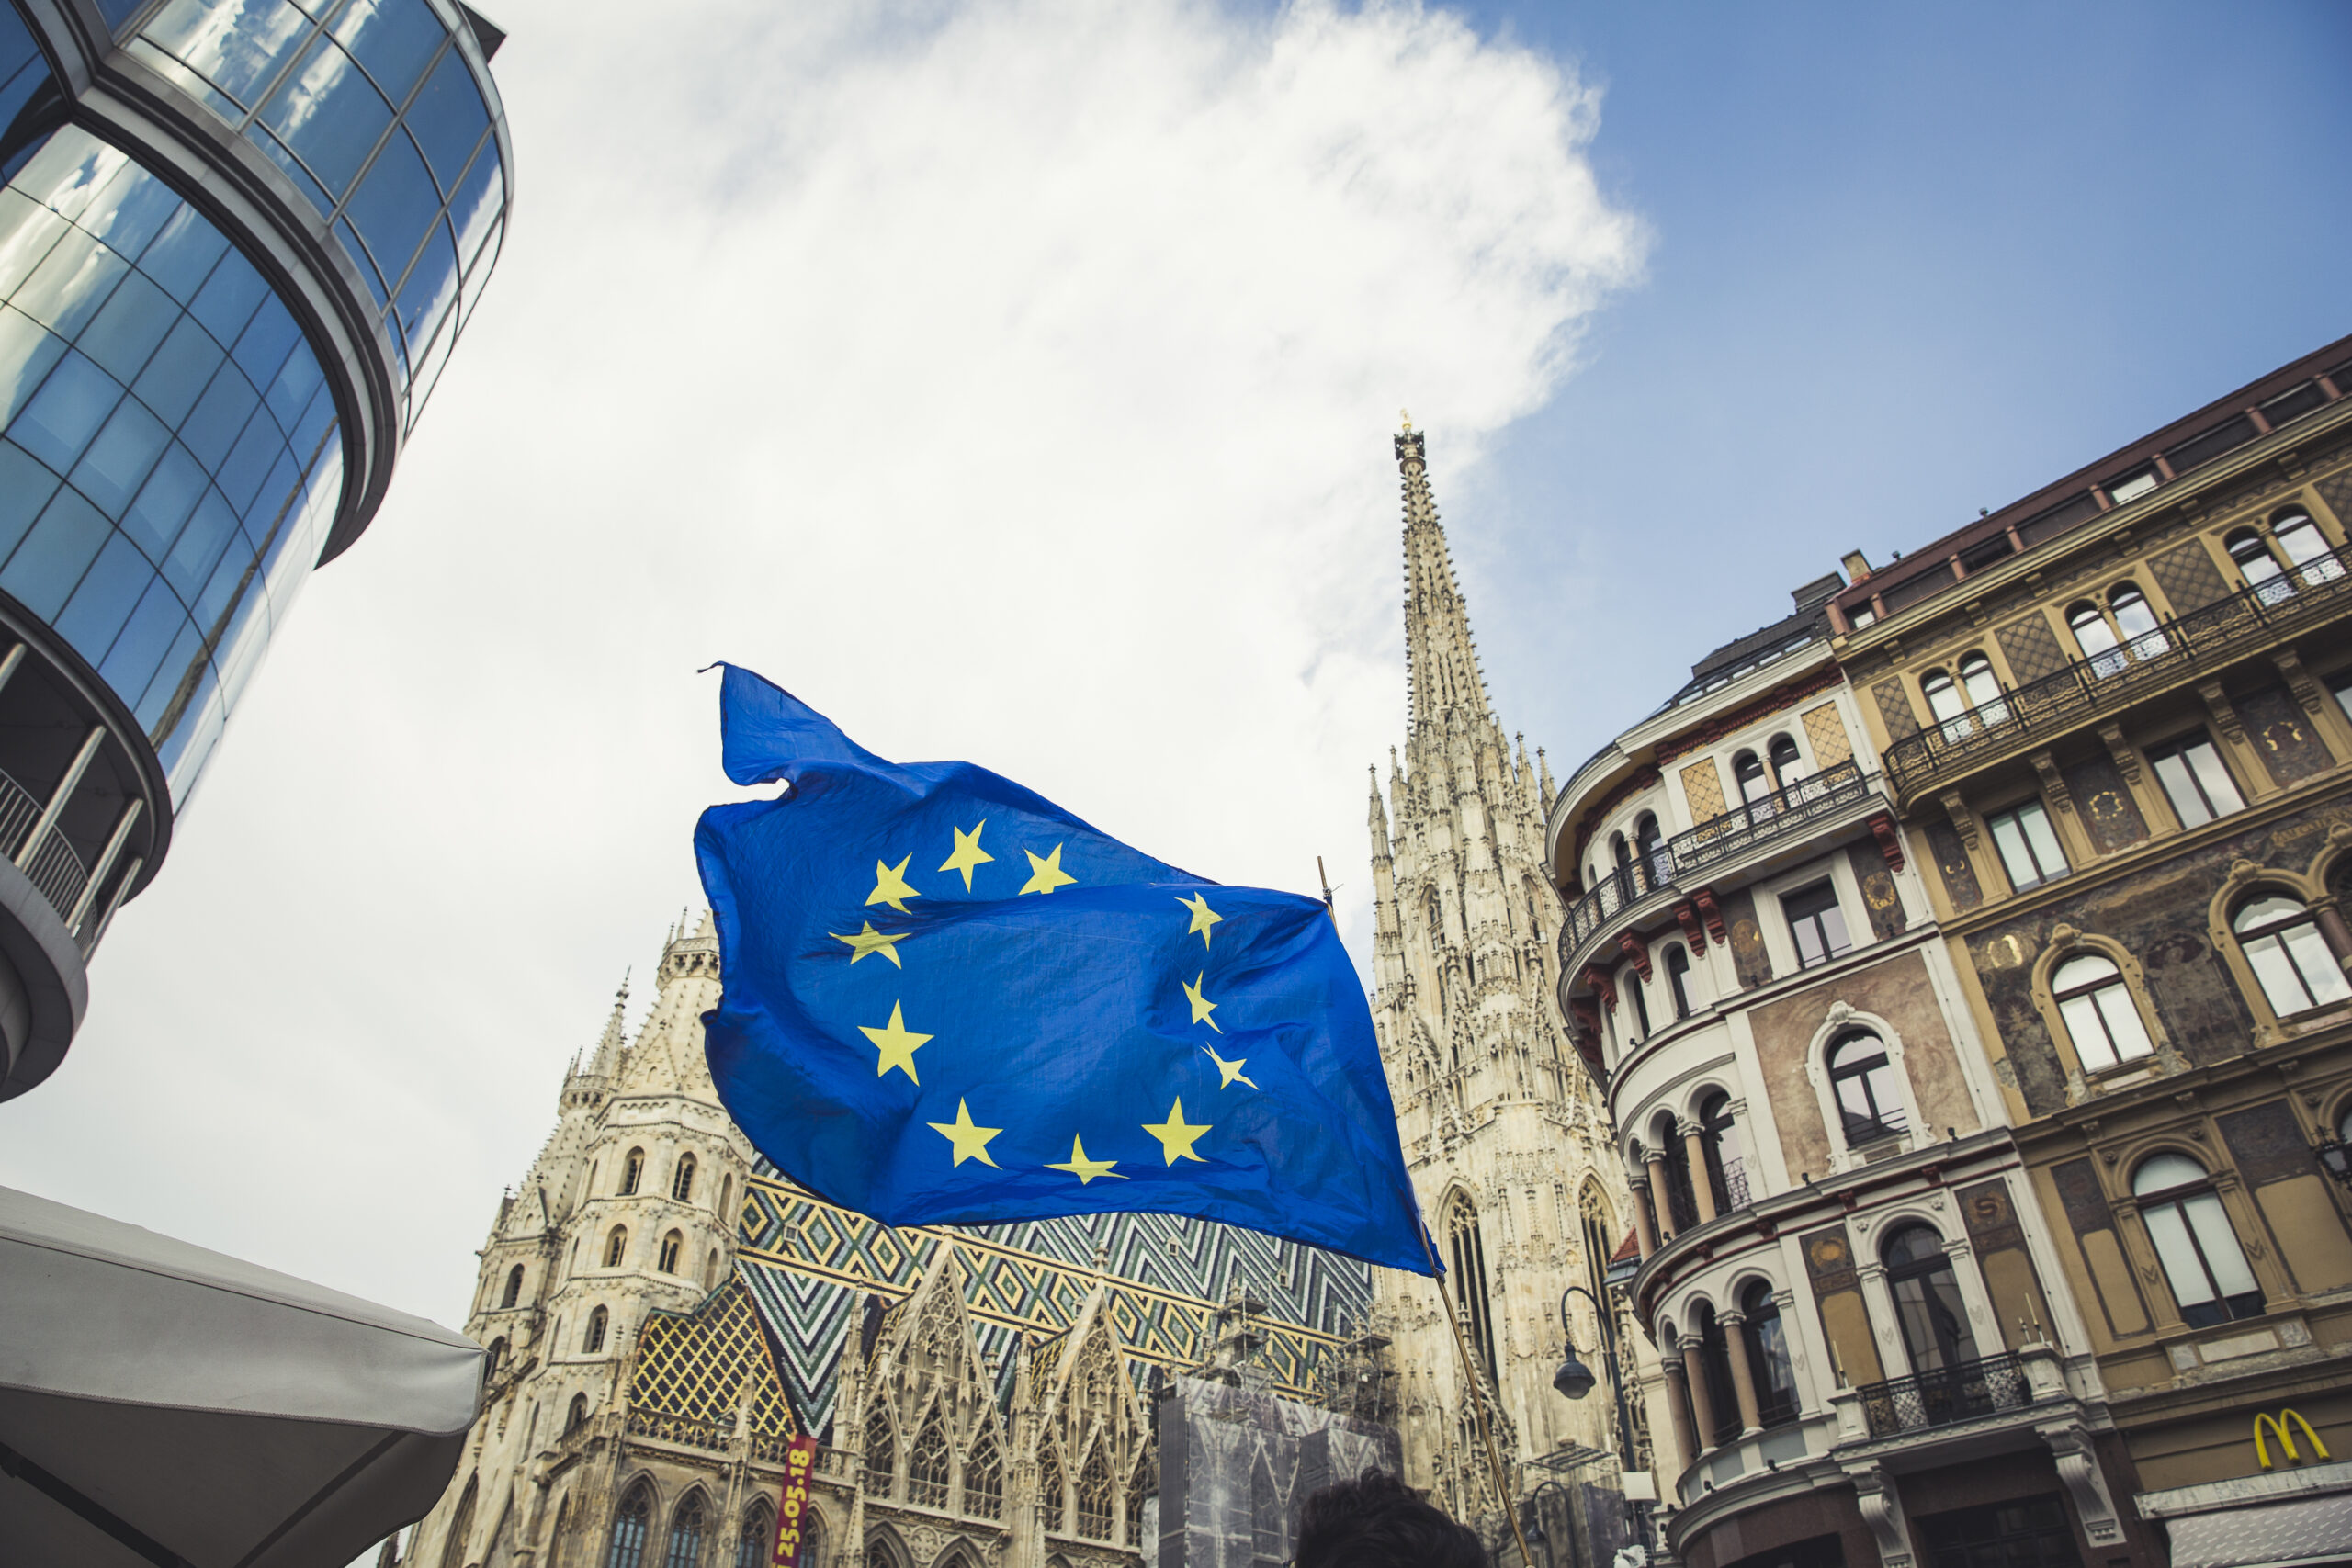 BGF_EU Fahne Stephansdom 2